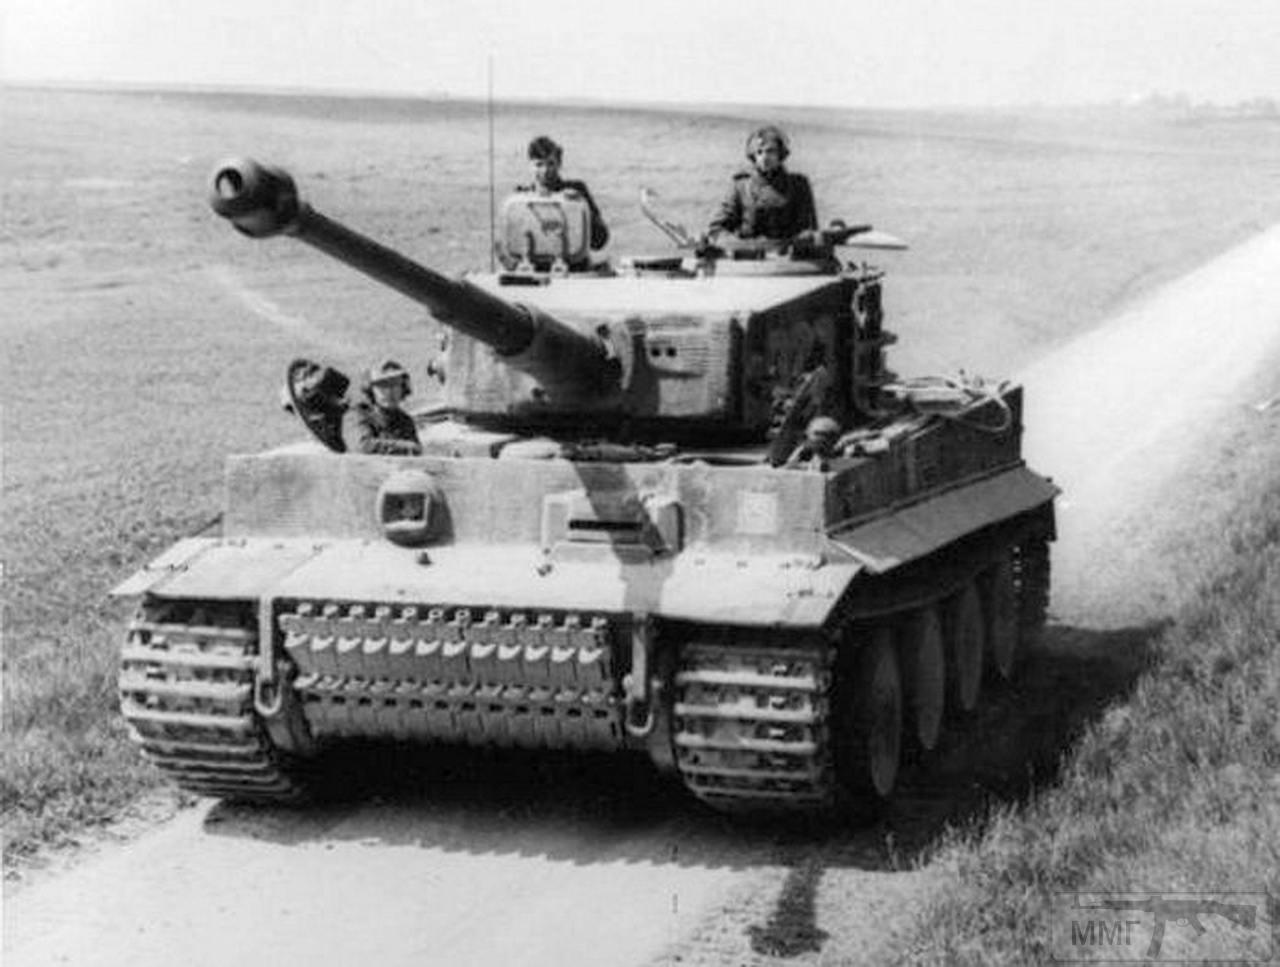 41400 - Военное фото 1941-1945 г.г. Восточный фронт.